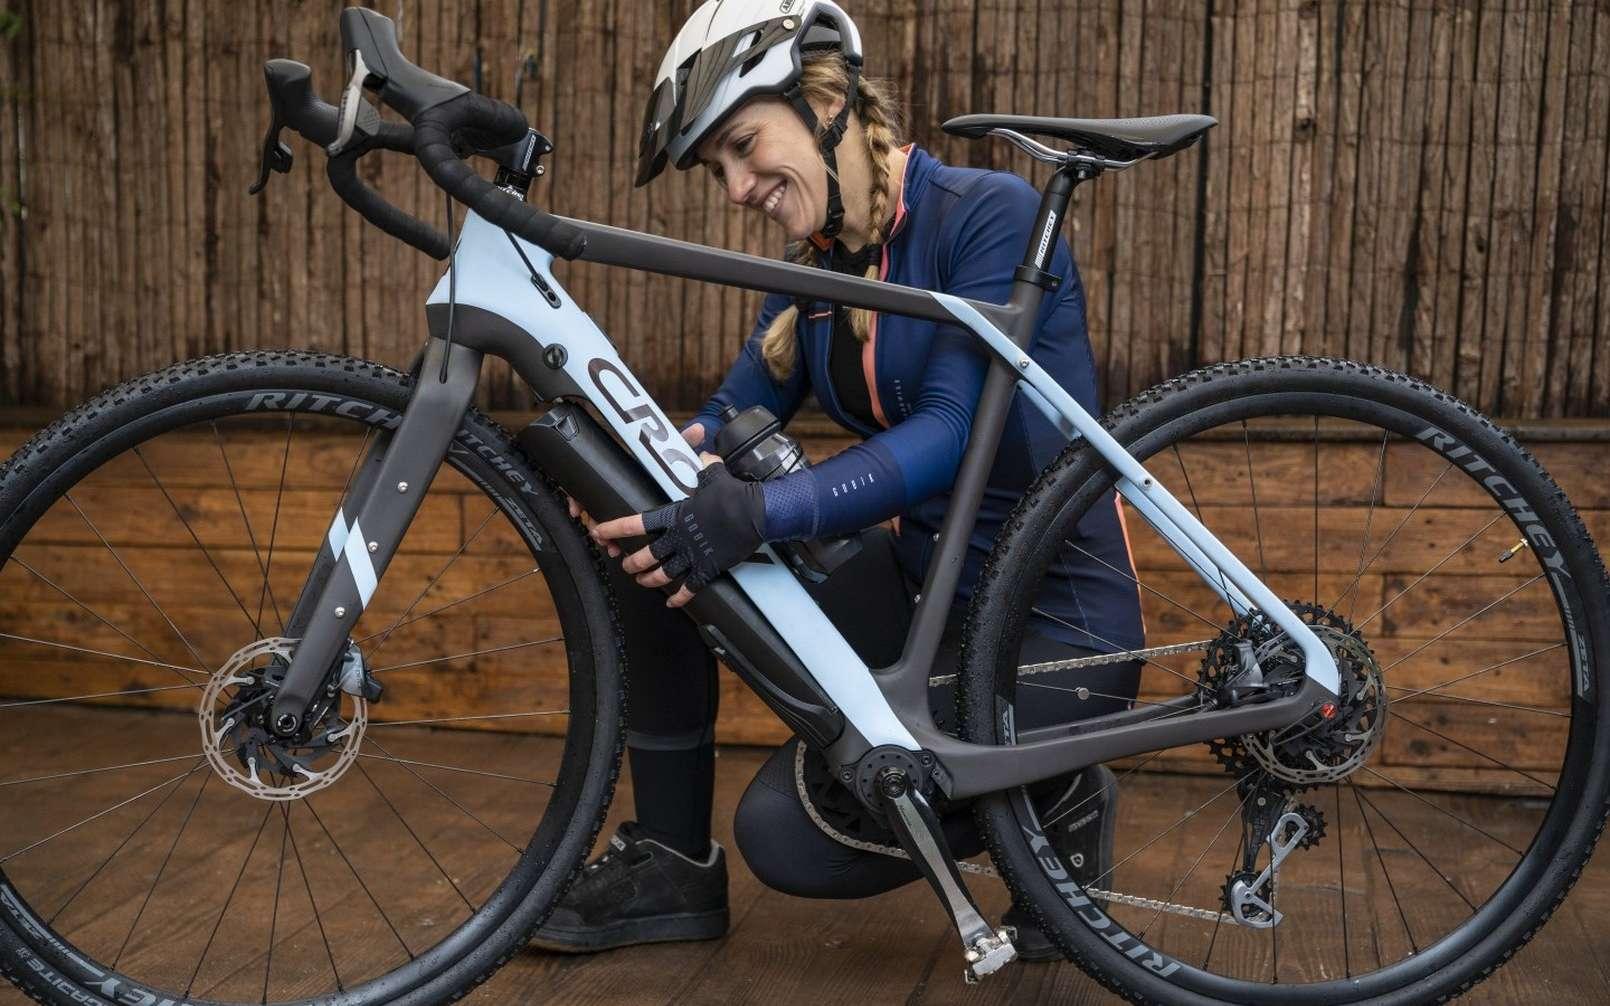 Le vélo électrique gravel Crow pèse moins de 11 kg une voit le module batterie-moteur retiré. © Crow Bicycles